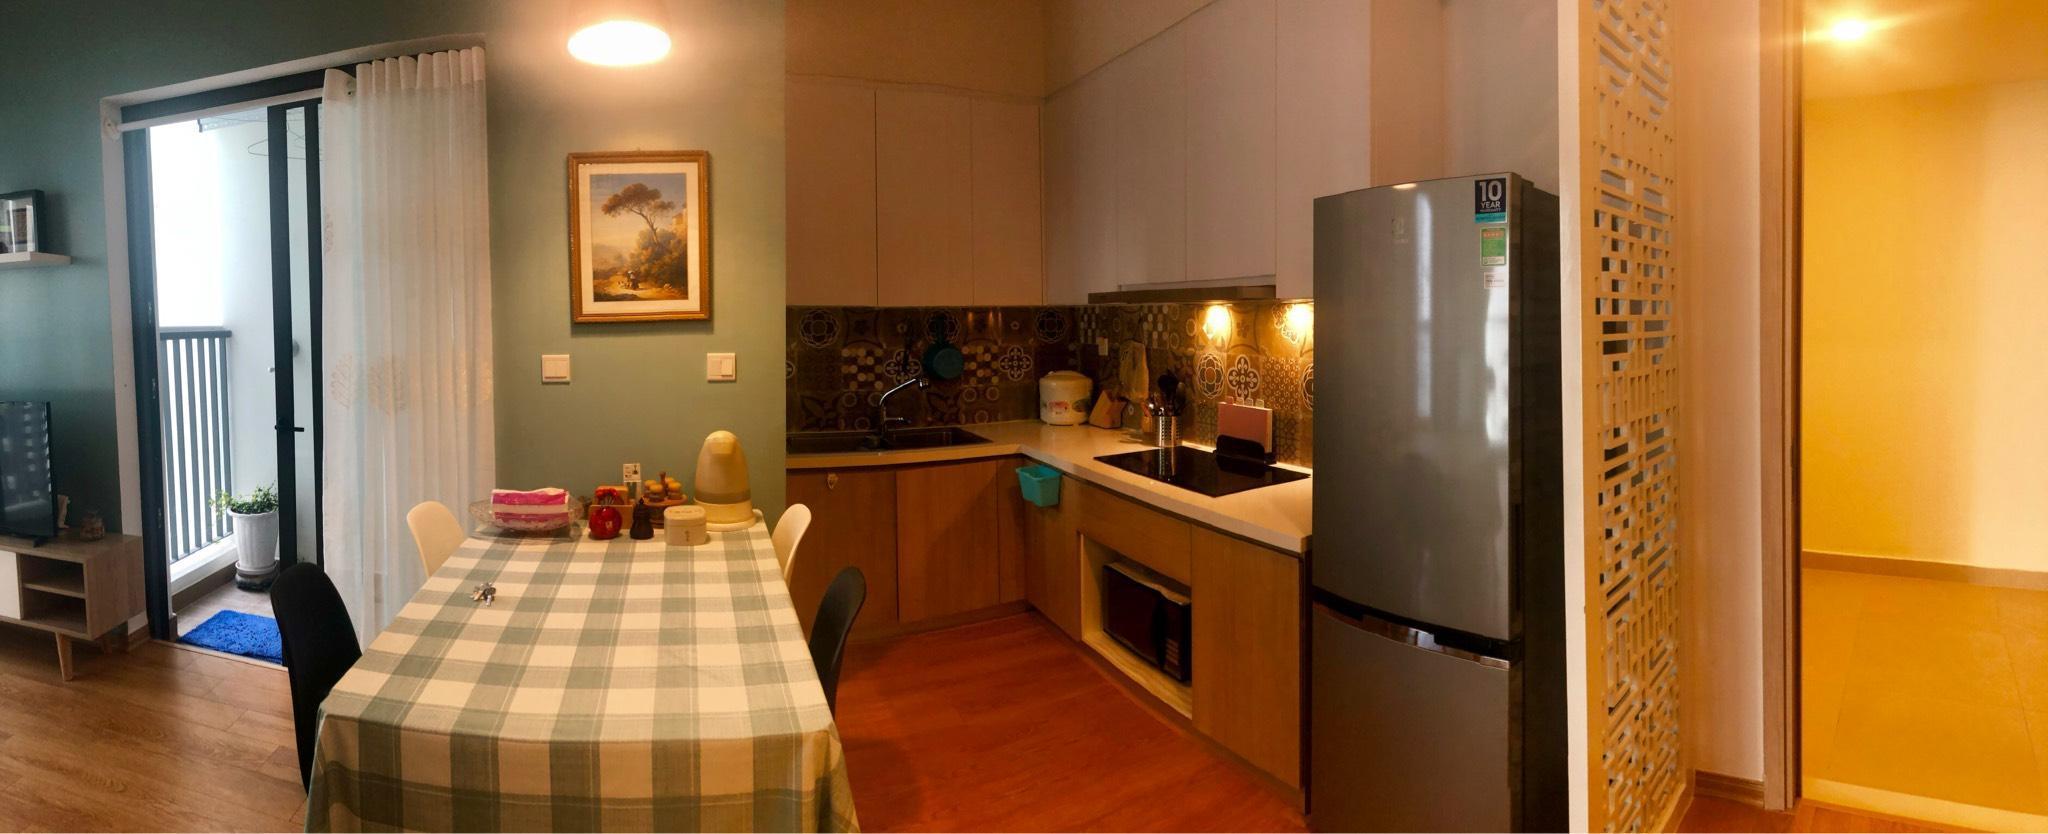 Ecopark   1 BR Cozy Apartment In Aquabay Sky2